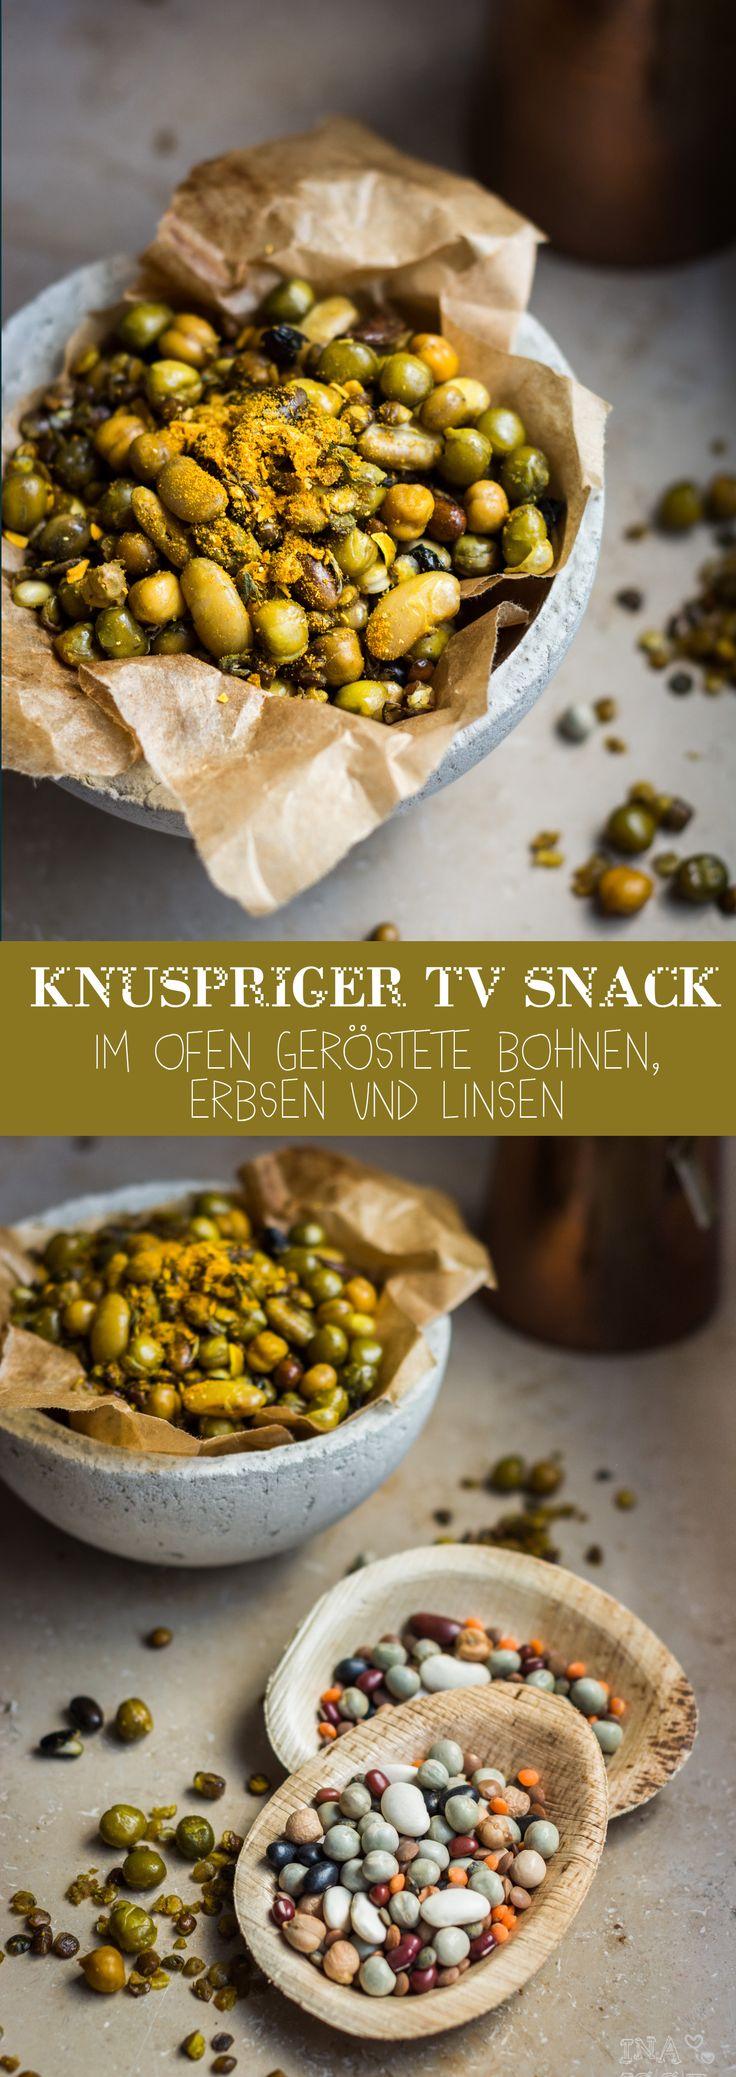 Knuspriger TV Snack - Im Ofen geröstete Bohnen, Erbsen und Linsen /// Oven roasted pulses